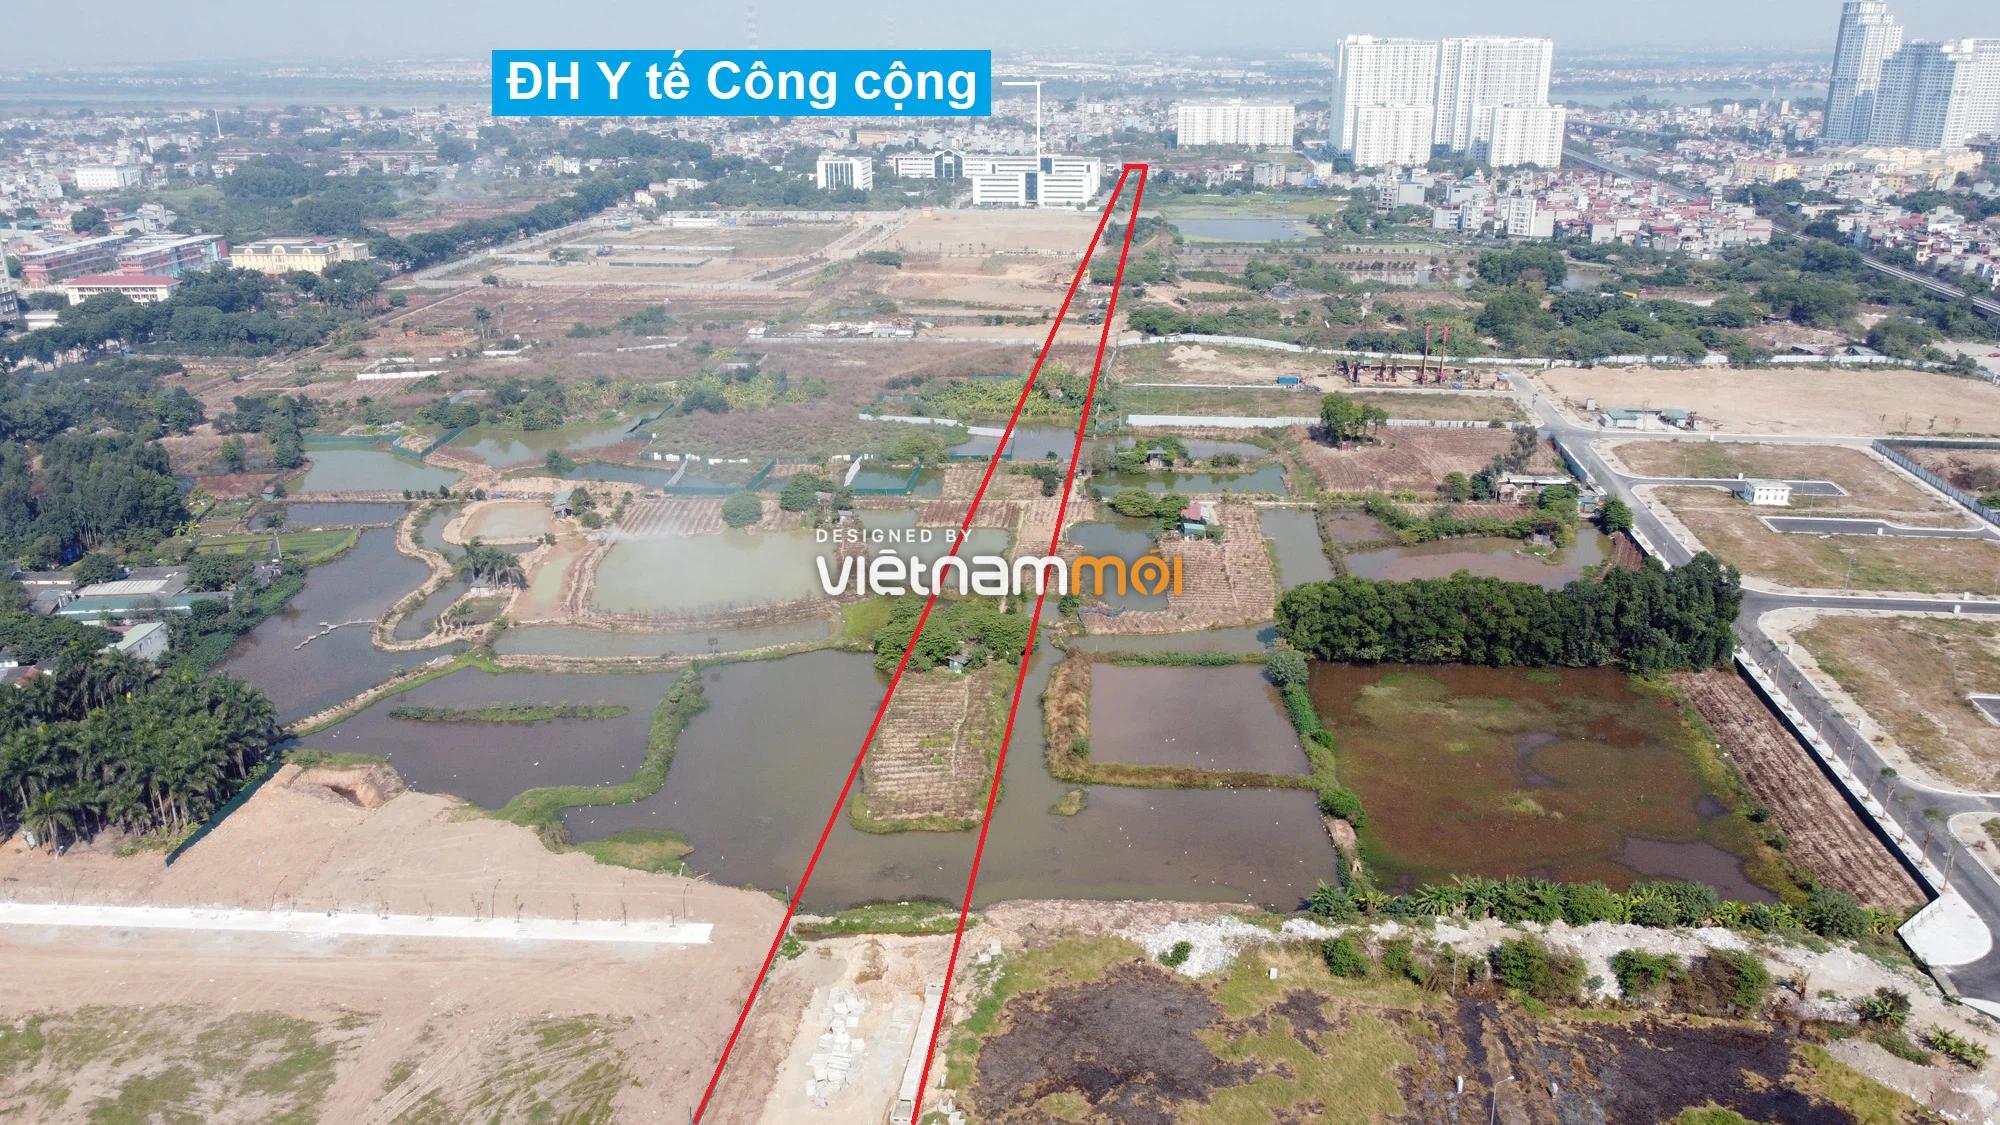 Những khu đất sắp thu hồi để mở đường ở quận Bắc Từ Liêm, Hà Nội (phần 1) - Ảnh 21.